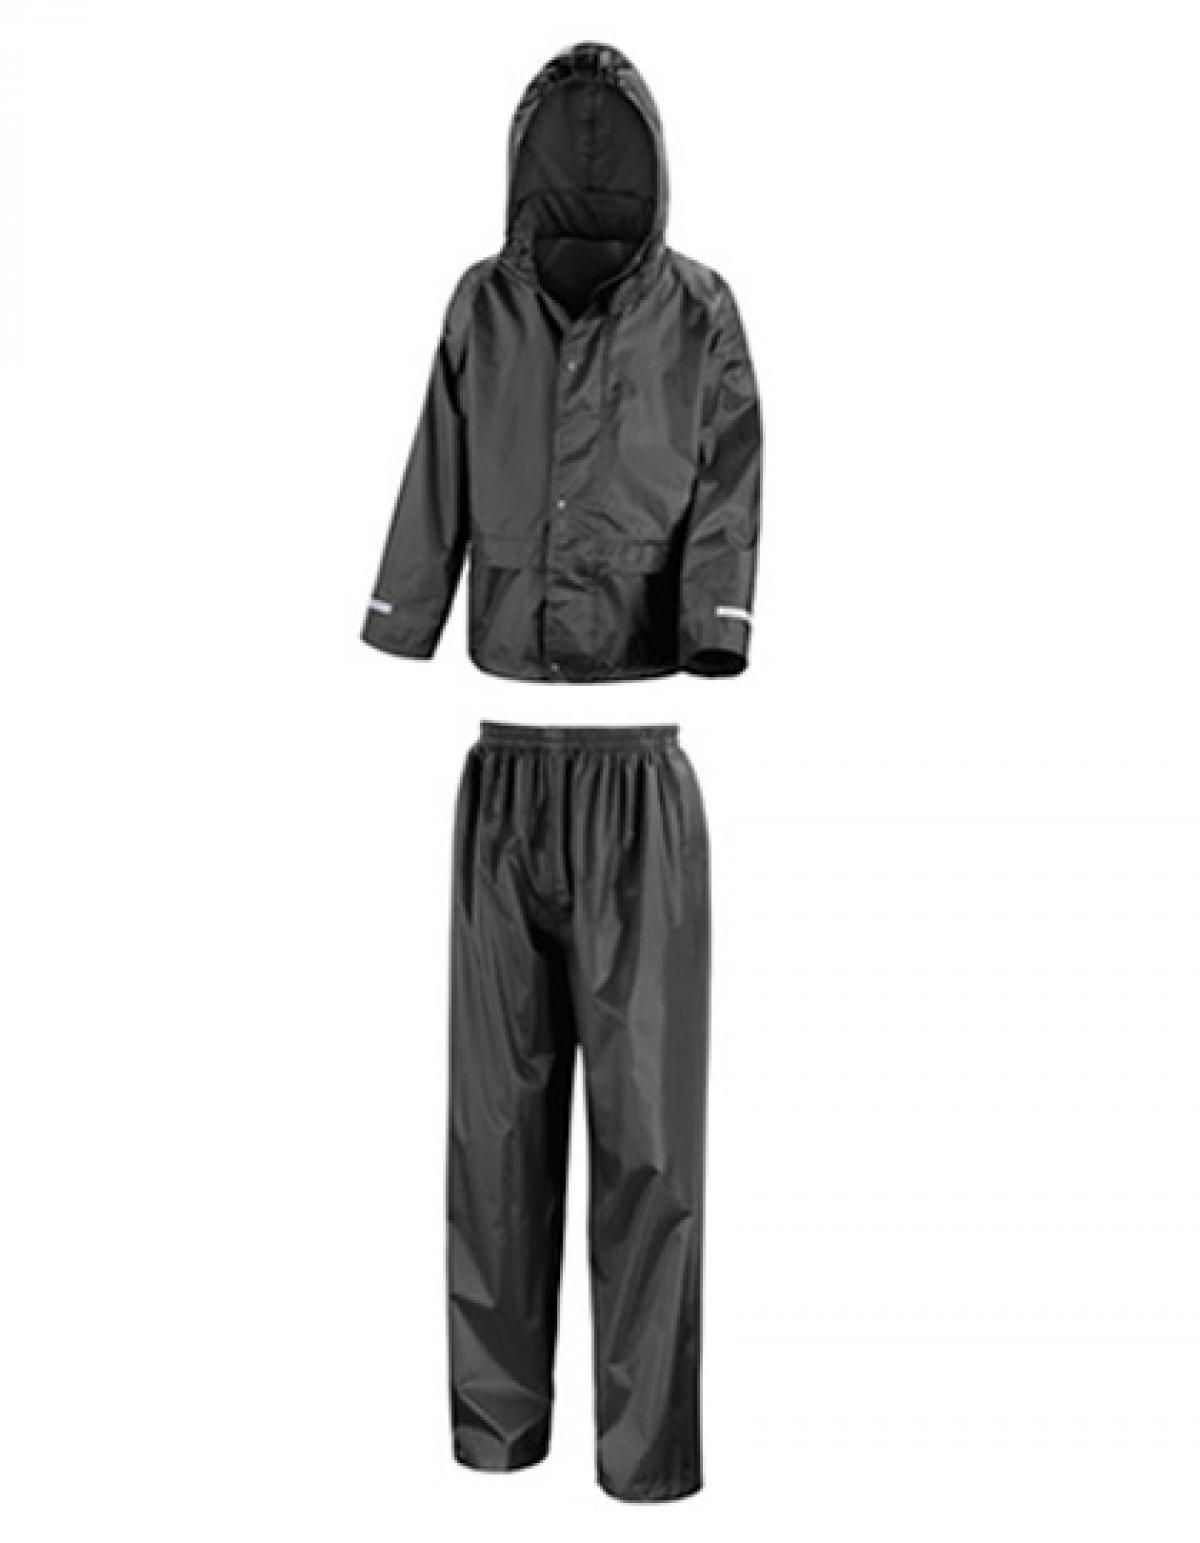 kinder anzug junior rain suit rexlander s. Black Bedroom Furniture Sets. Home Design Ideas